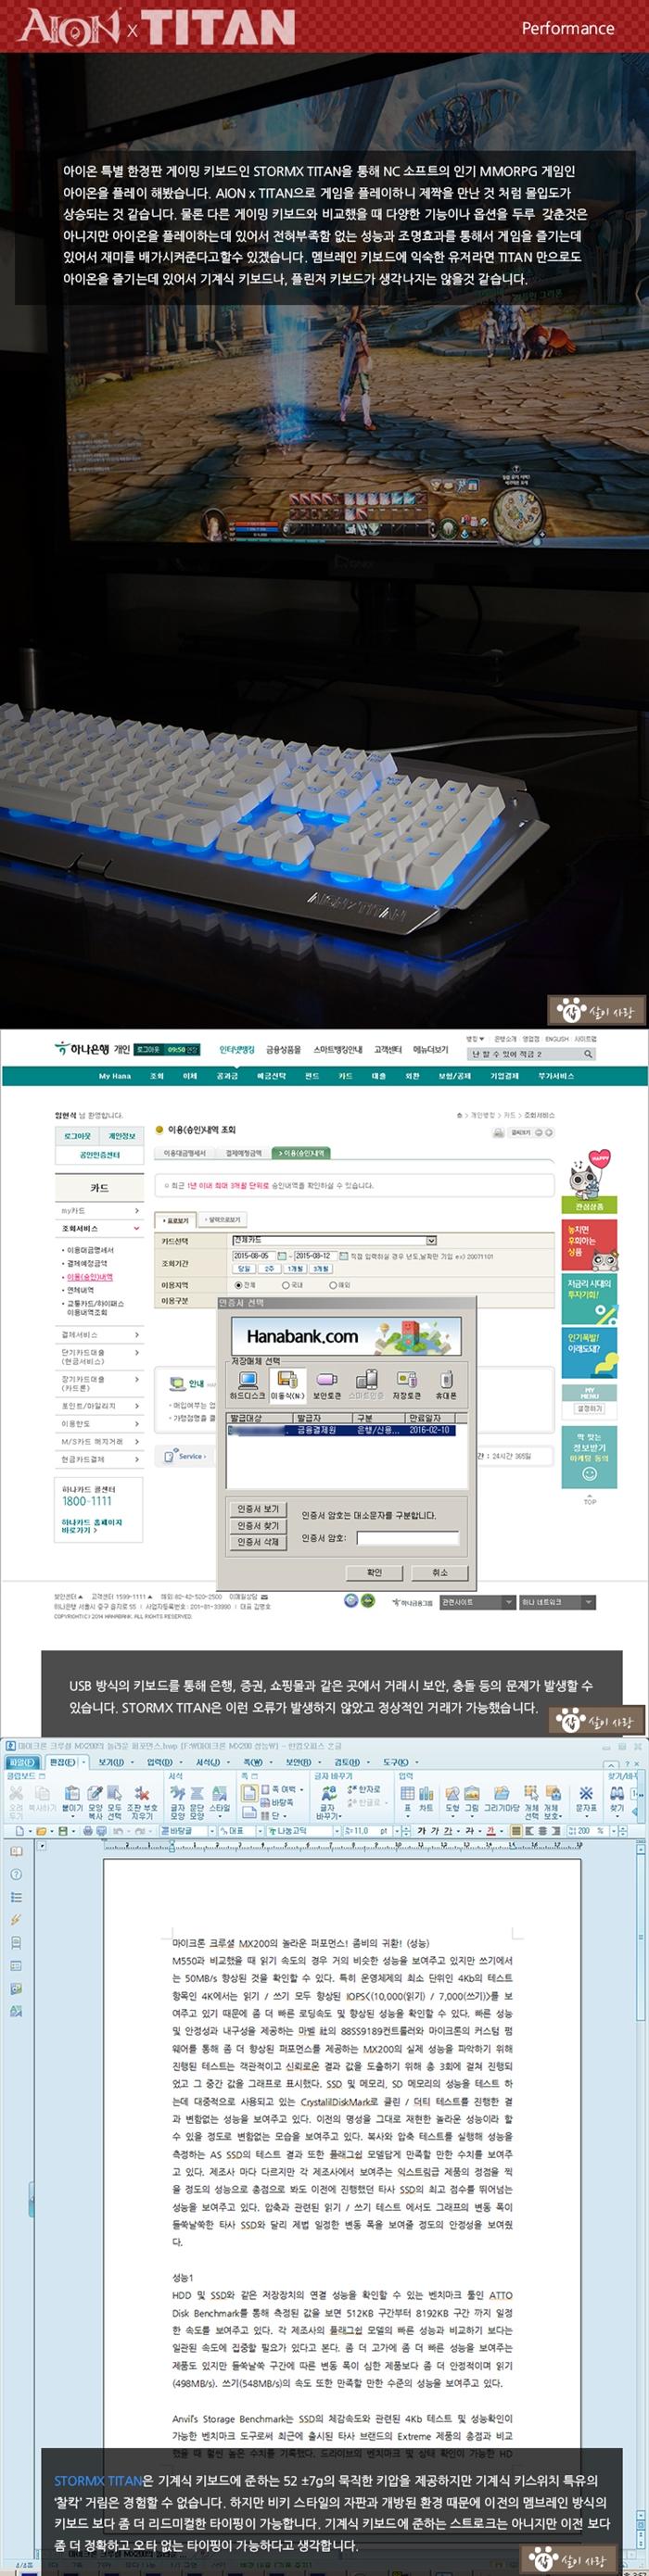 제닉스 성능 STORMX TITAN 아이온 스폐셜 에디션 .jpg